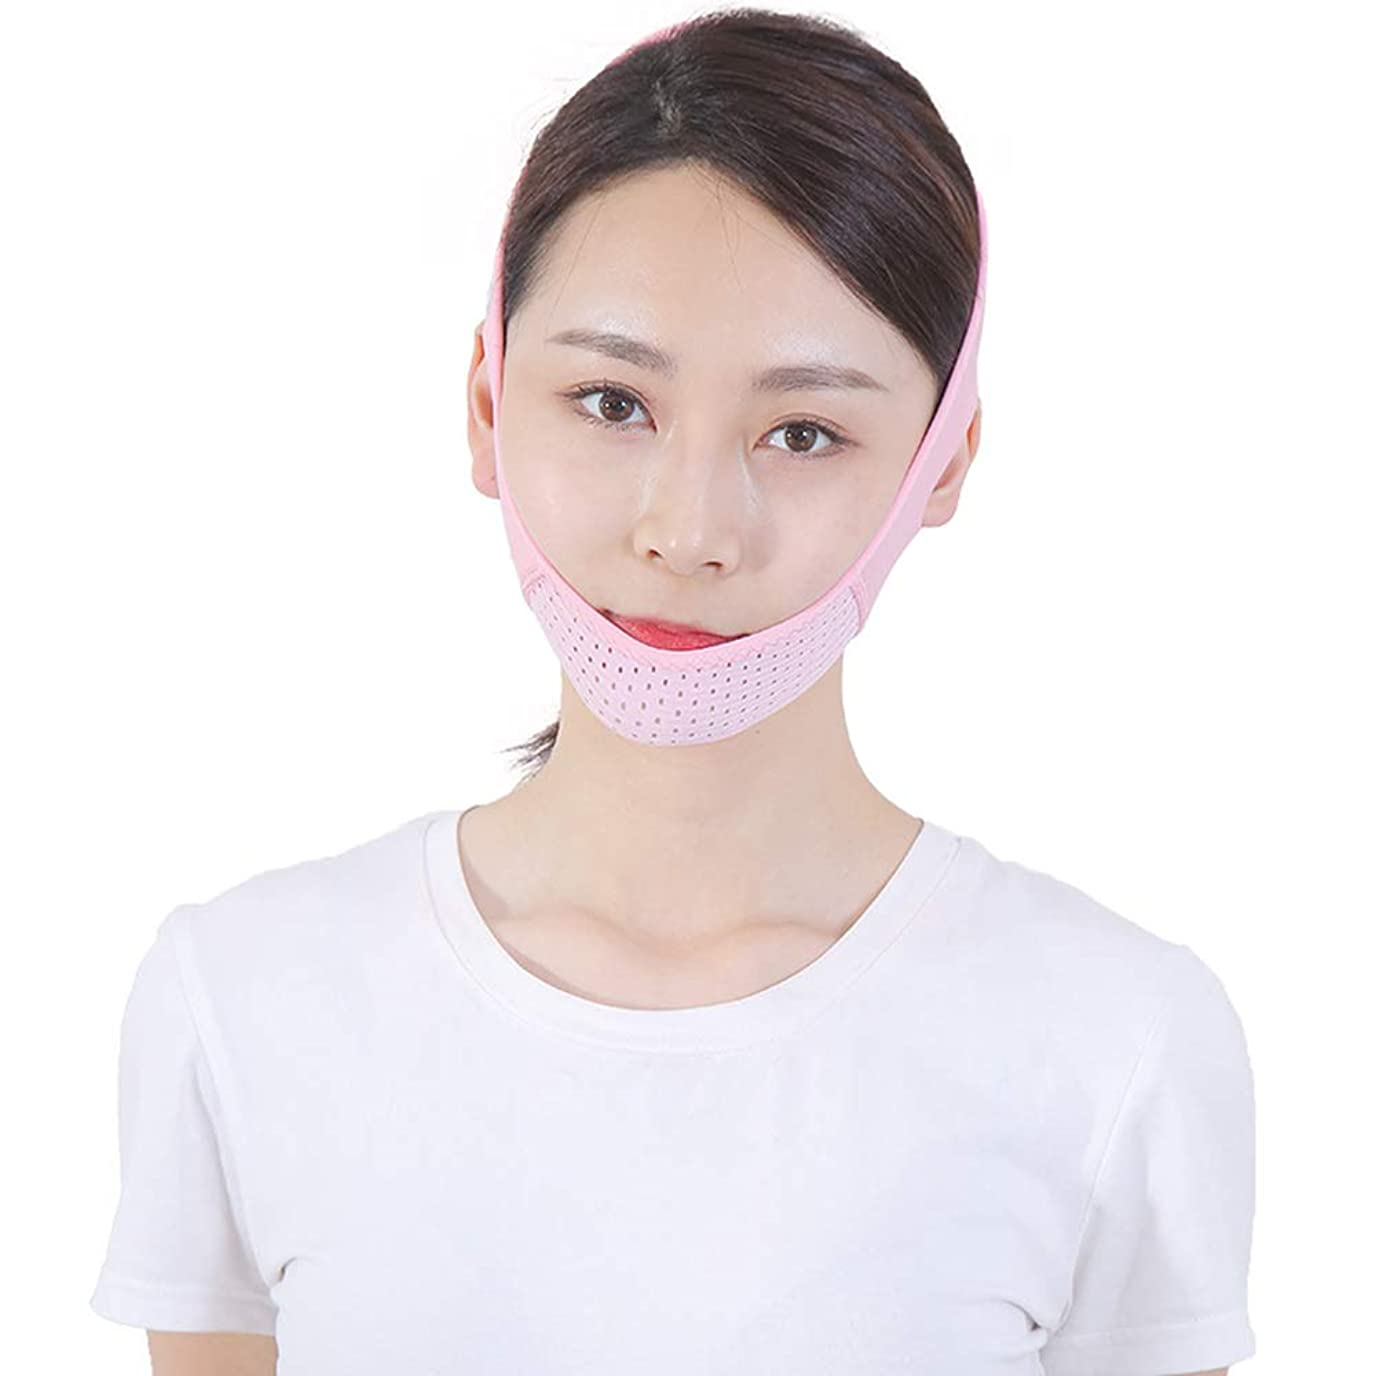 直接胸体Jia Jia- フェイシャルリフティング痩身ベルトフェイススリムゲットダブルチンアンチエイジングリンクルフェイスバンデージマスクシェイピングマスク顔を引き締めるダブルチンワークアウト 顔面包帯